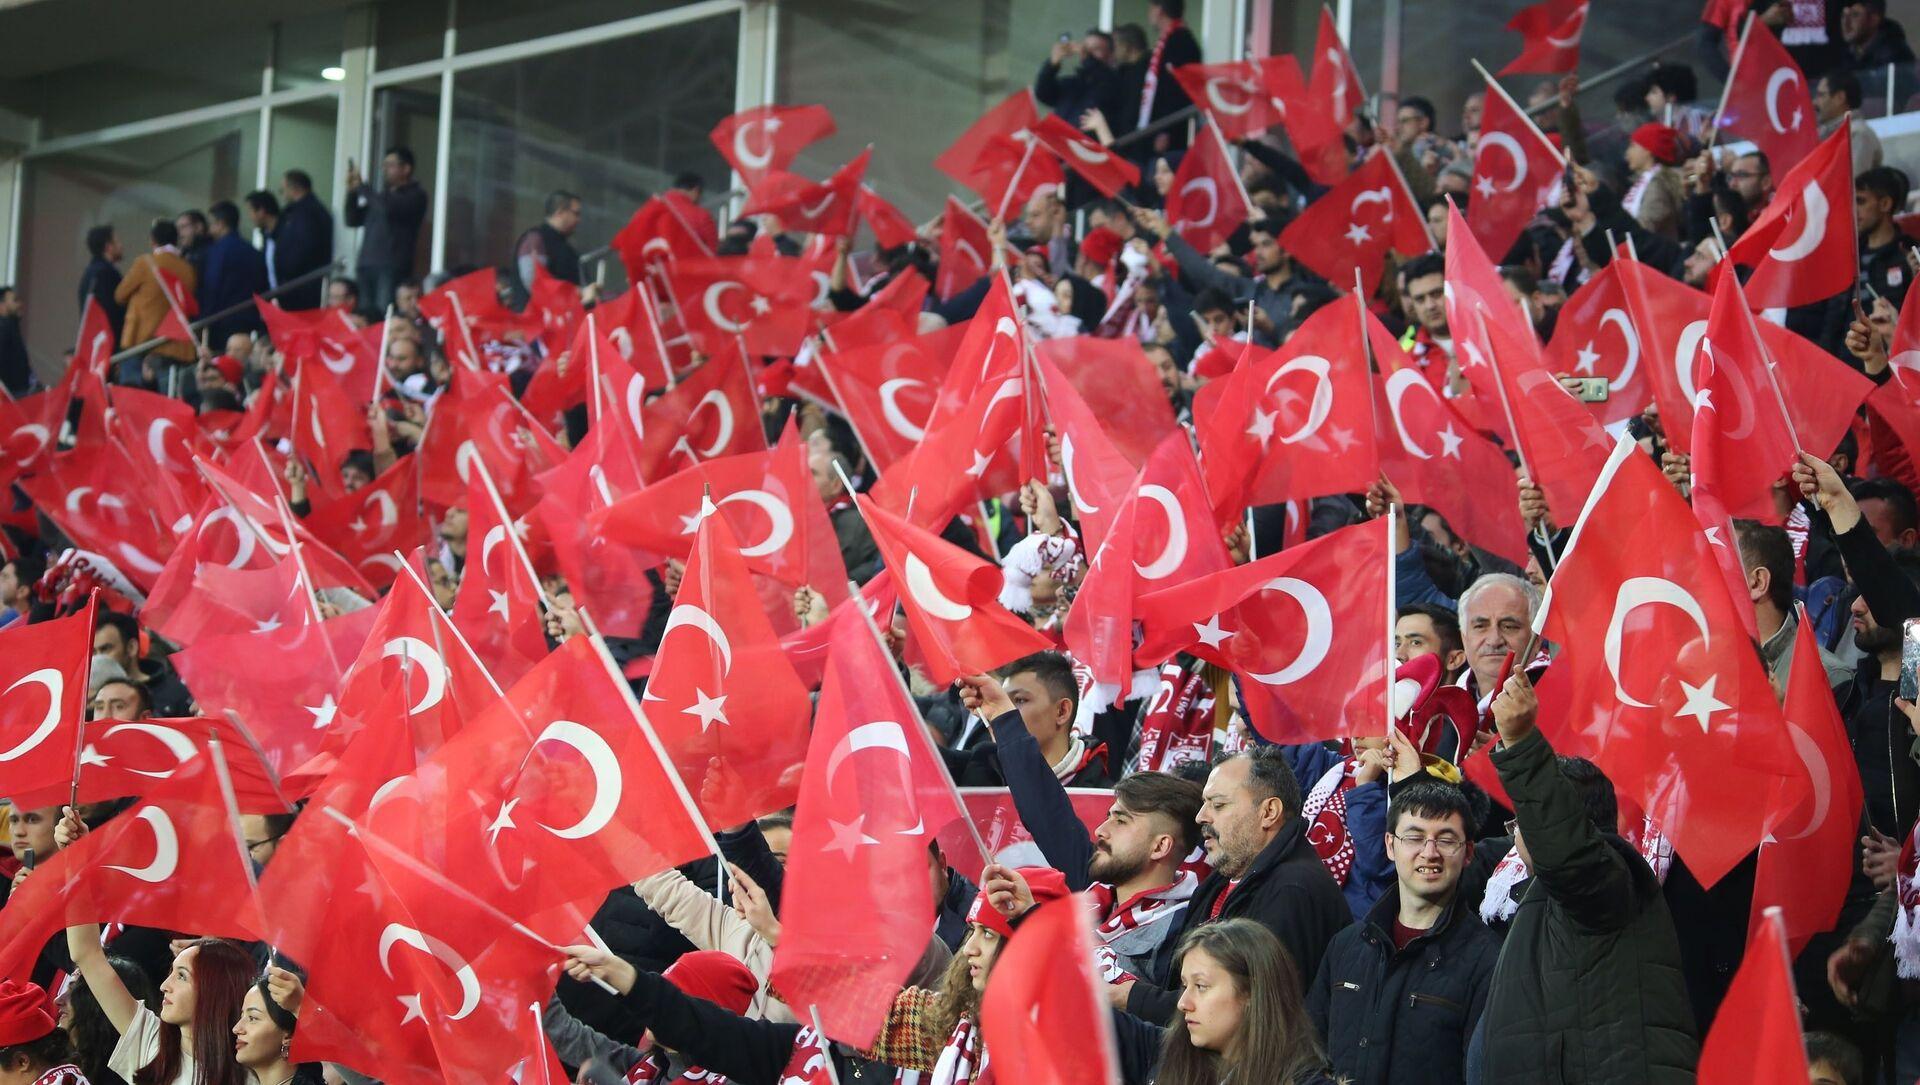 maç-seyirci-tribün - Sputnik Türkiye, 1920, 28.07.2021